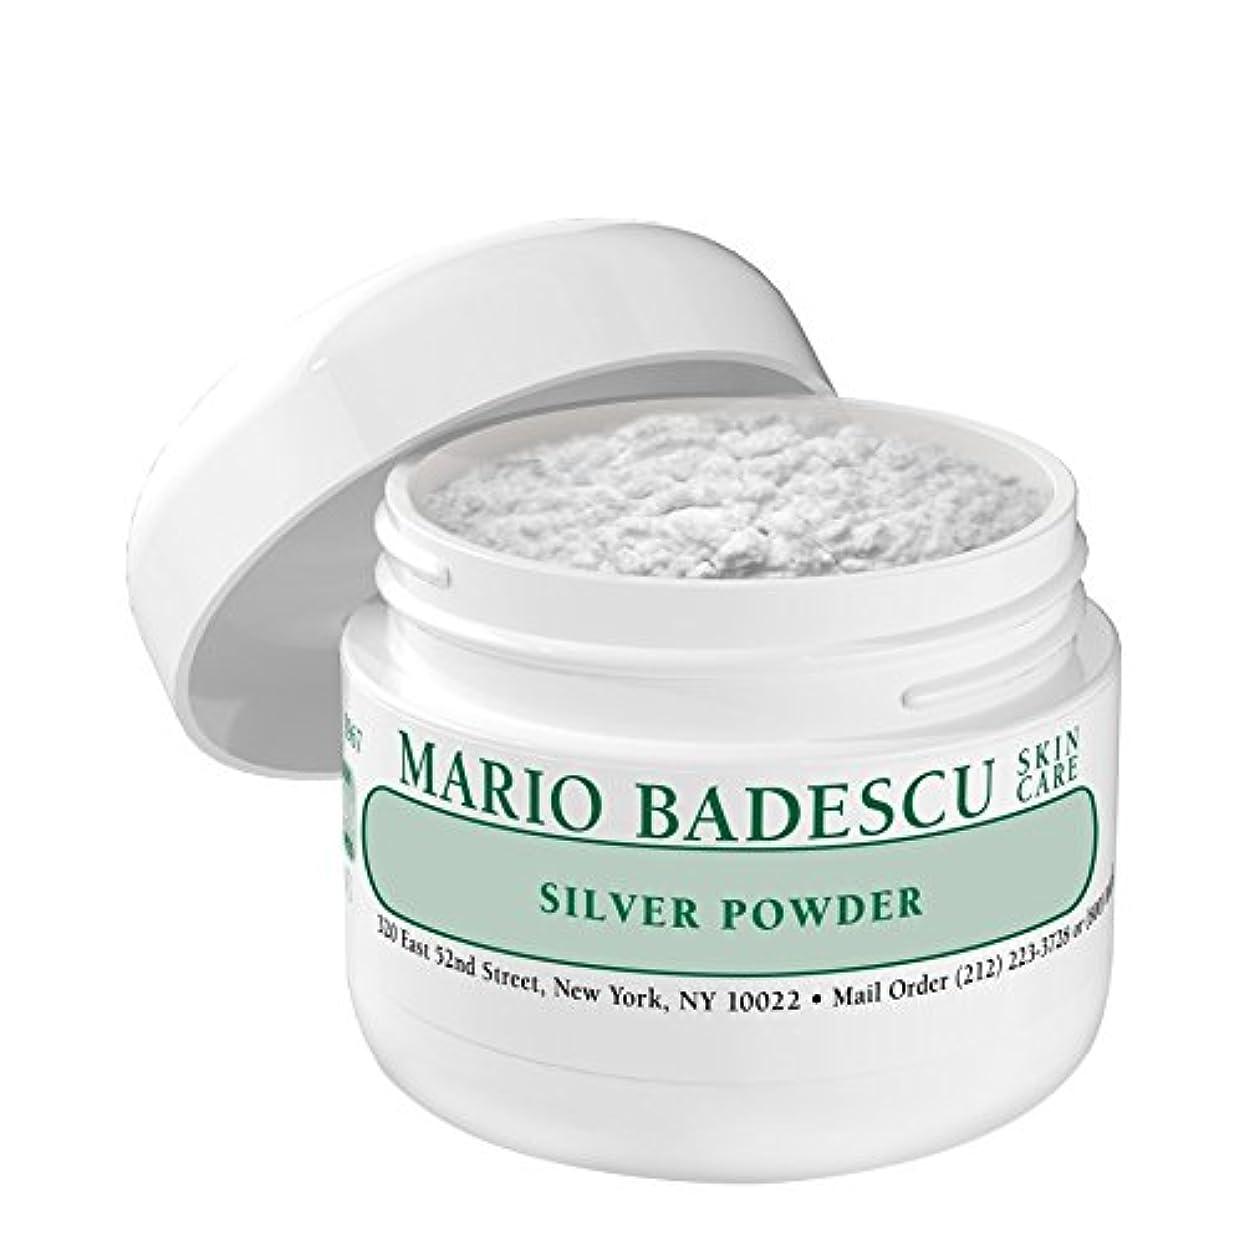 懺悔期限切れスクラッチMario Badescu Silver Powder - マリオ?バデスキュー銀粉末 [並行輸入品]